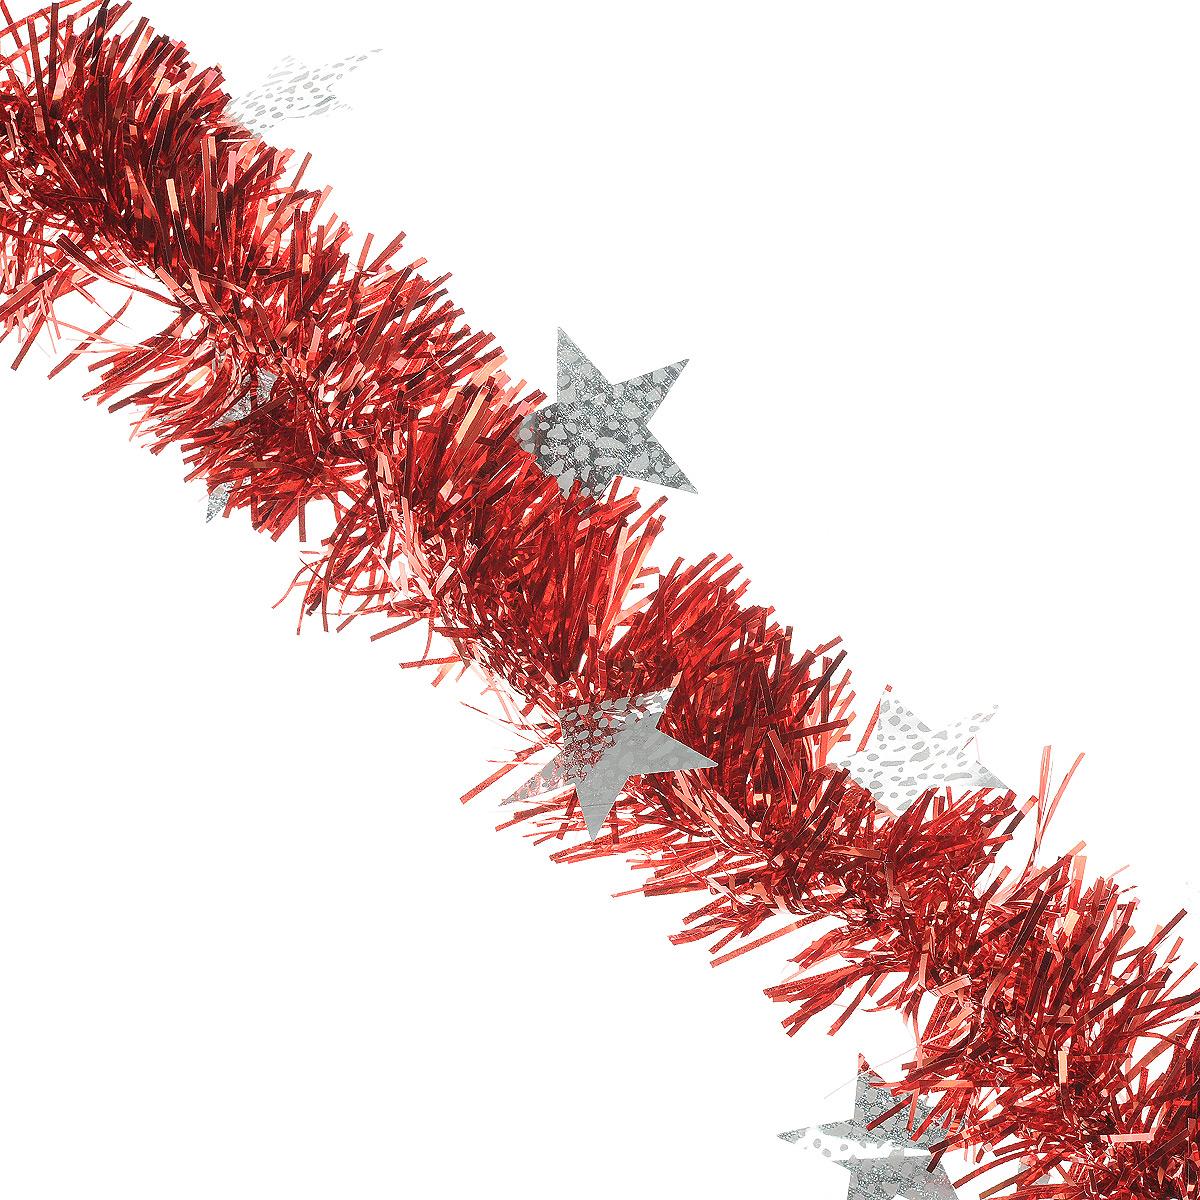 Мишура новогодняя Sima-land, цвет: красный, серебристый, диаметр 9 см, длина 2 м. 825983Ф21-2163Новогодняя мишура Sima-land, выполненная из ПЭТ (полиэтилентерефталат), поможет вам украсить свой дом к предстоящим праздникам. Изделие декорировано звездами. Новогодняя елка с таким украшением станет еще наряднее. Мишура армирована, то есть имеет проволоку внутри и способна сохранять форму. Новогодней мишурой можно украсить все, что угодно - елку, квартиру, дачу, офис - как внутри, так и снаружи. Можно сложить новогодние поздравления, буквы и цифры, мишурой можно украсить и дополнить гирлянды, можно выделить дверные колонны, оплести дверные проемы. Коллекция декоративных украшений из серии Magic Time принесет в ваш дом ни с чем не сравнимое ощущение волшебства! Создайте в своем доме атмосферу тепла, веселья и радости, украшая его всей семьей.